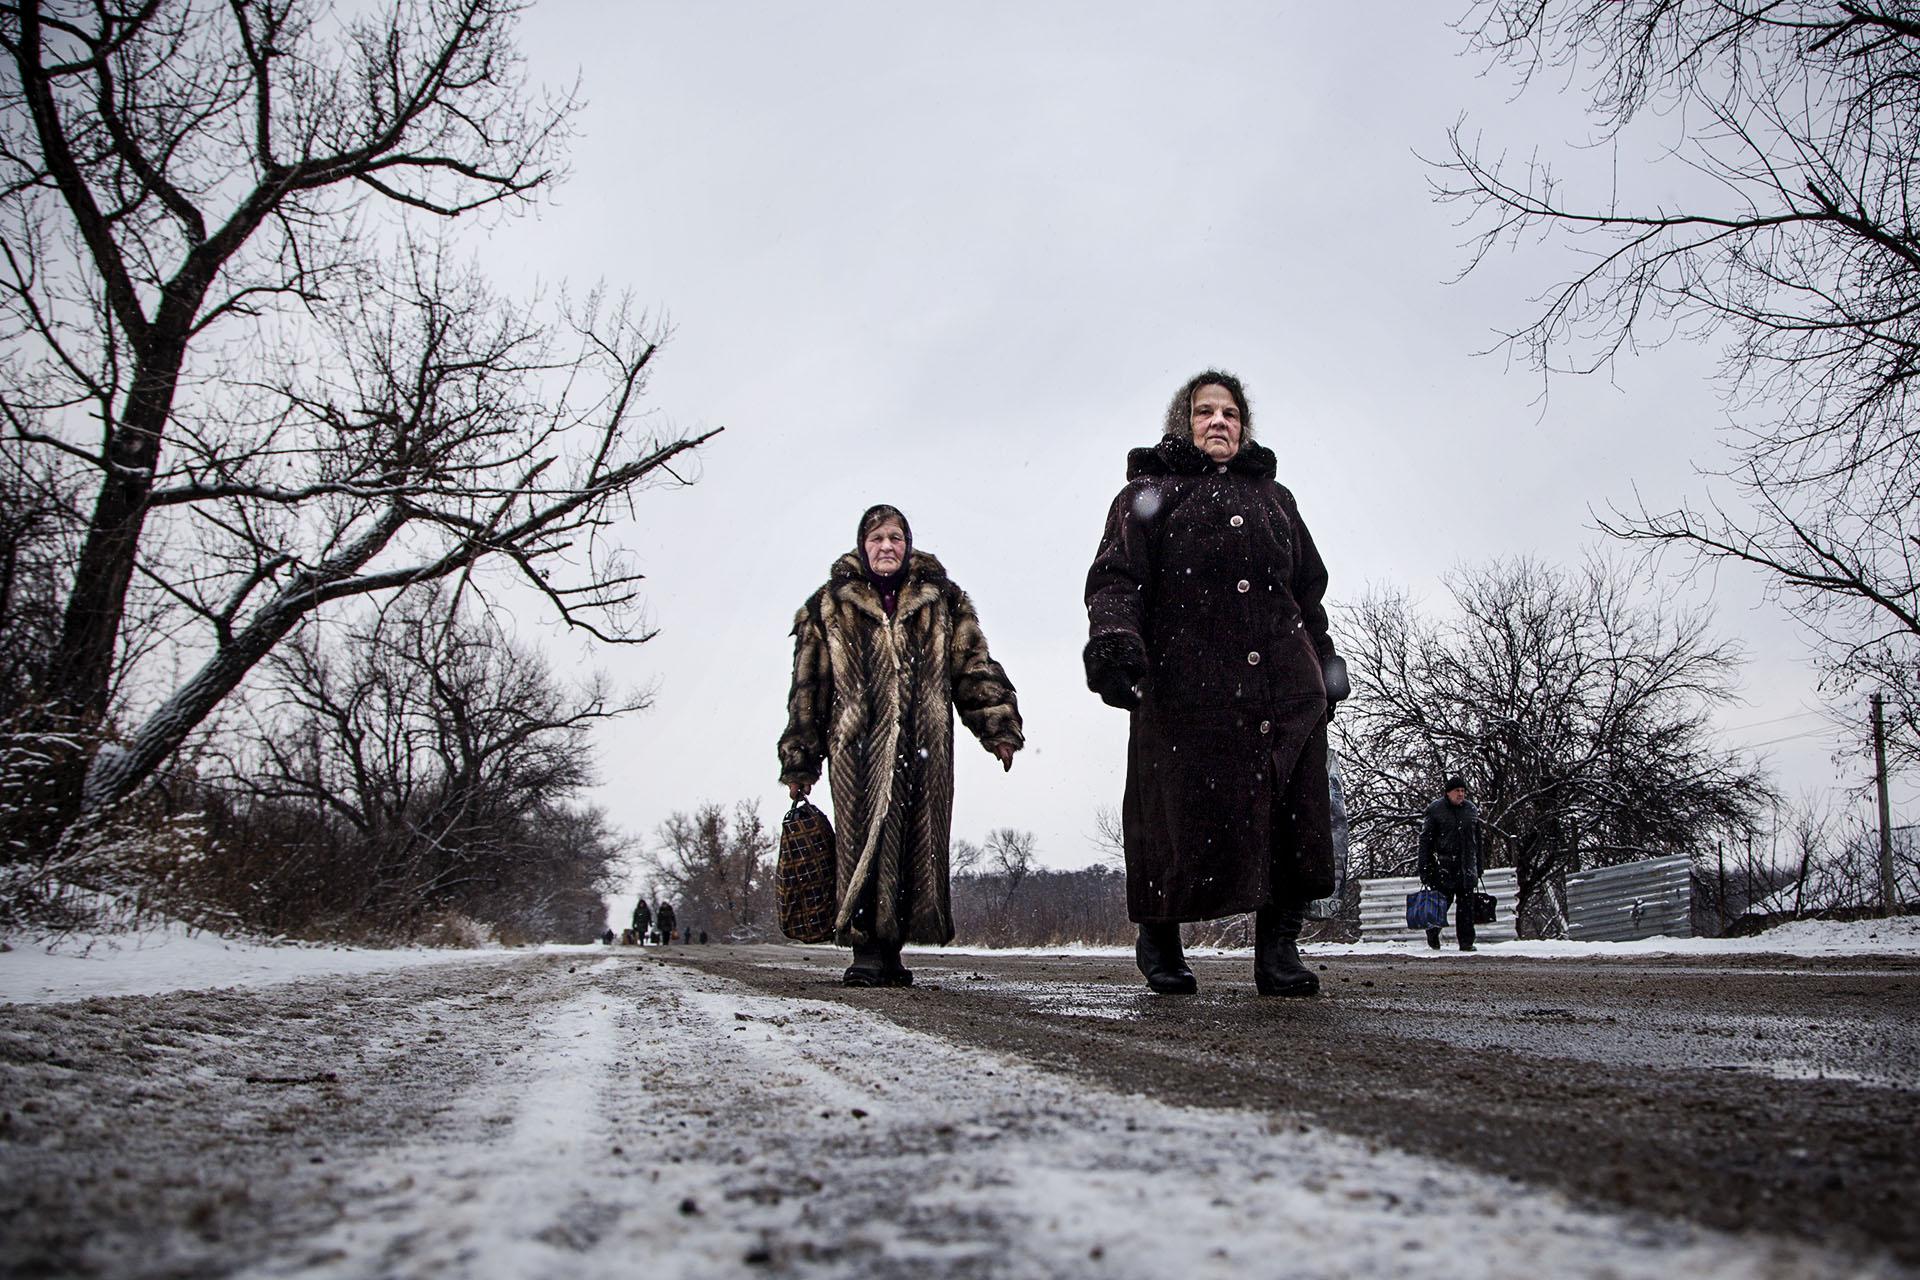 """Corredor """"humanitario"""" entre territorio ucraniano y de la RPD. Más de 5 horas andando a -15ºC y largas colas en ambos lados."""